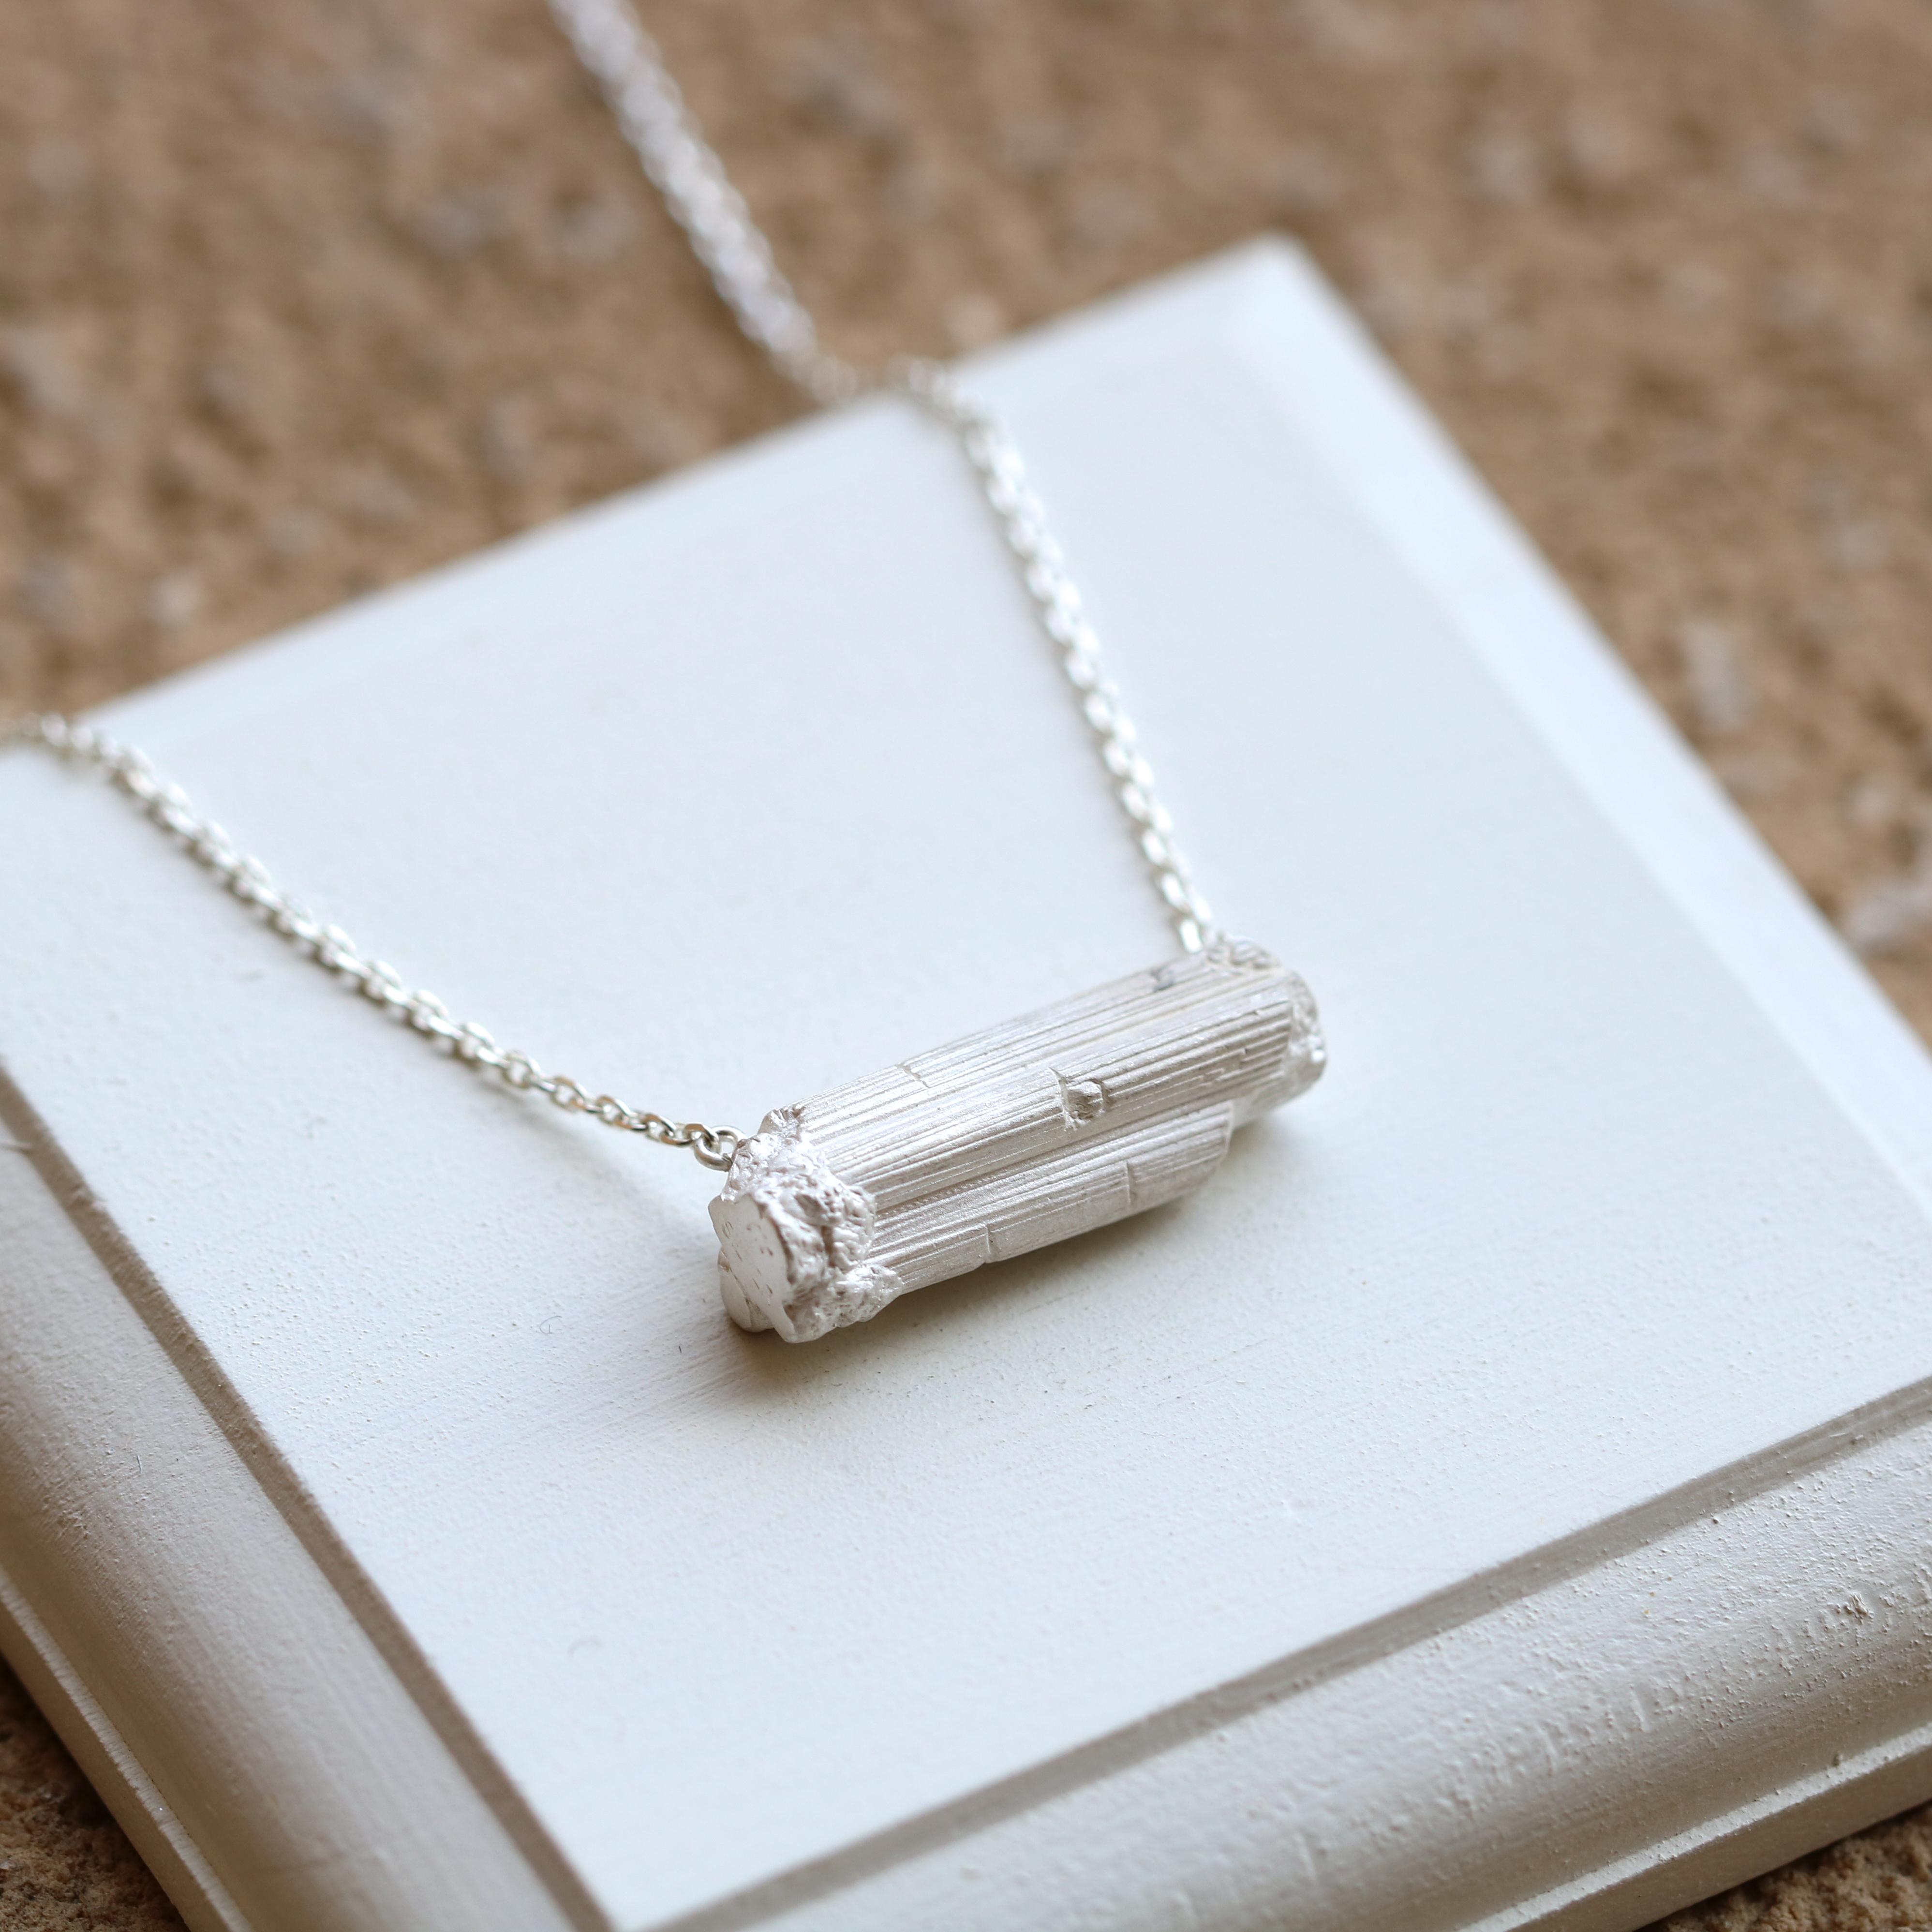 トルマリン原石モチーフのネックレス